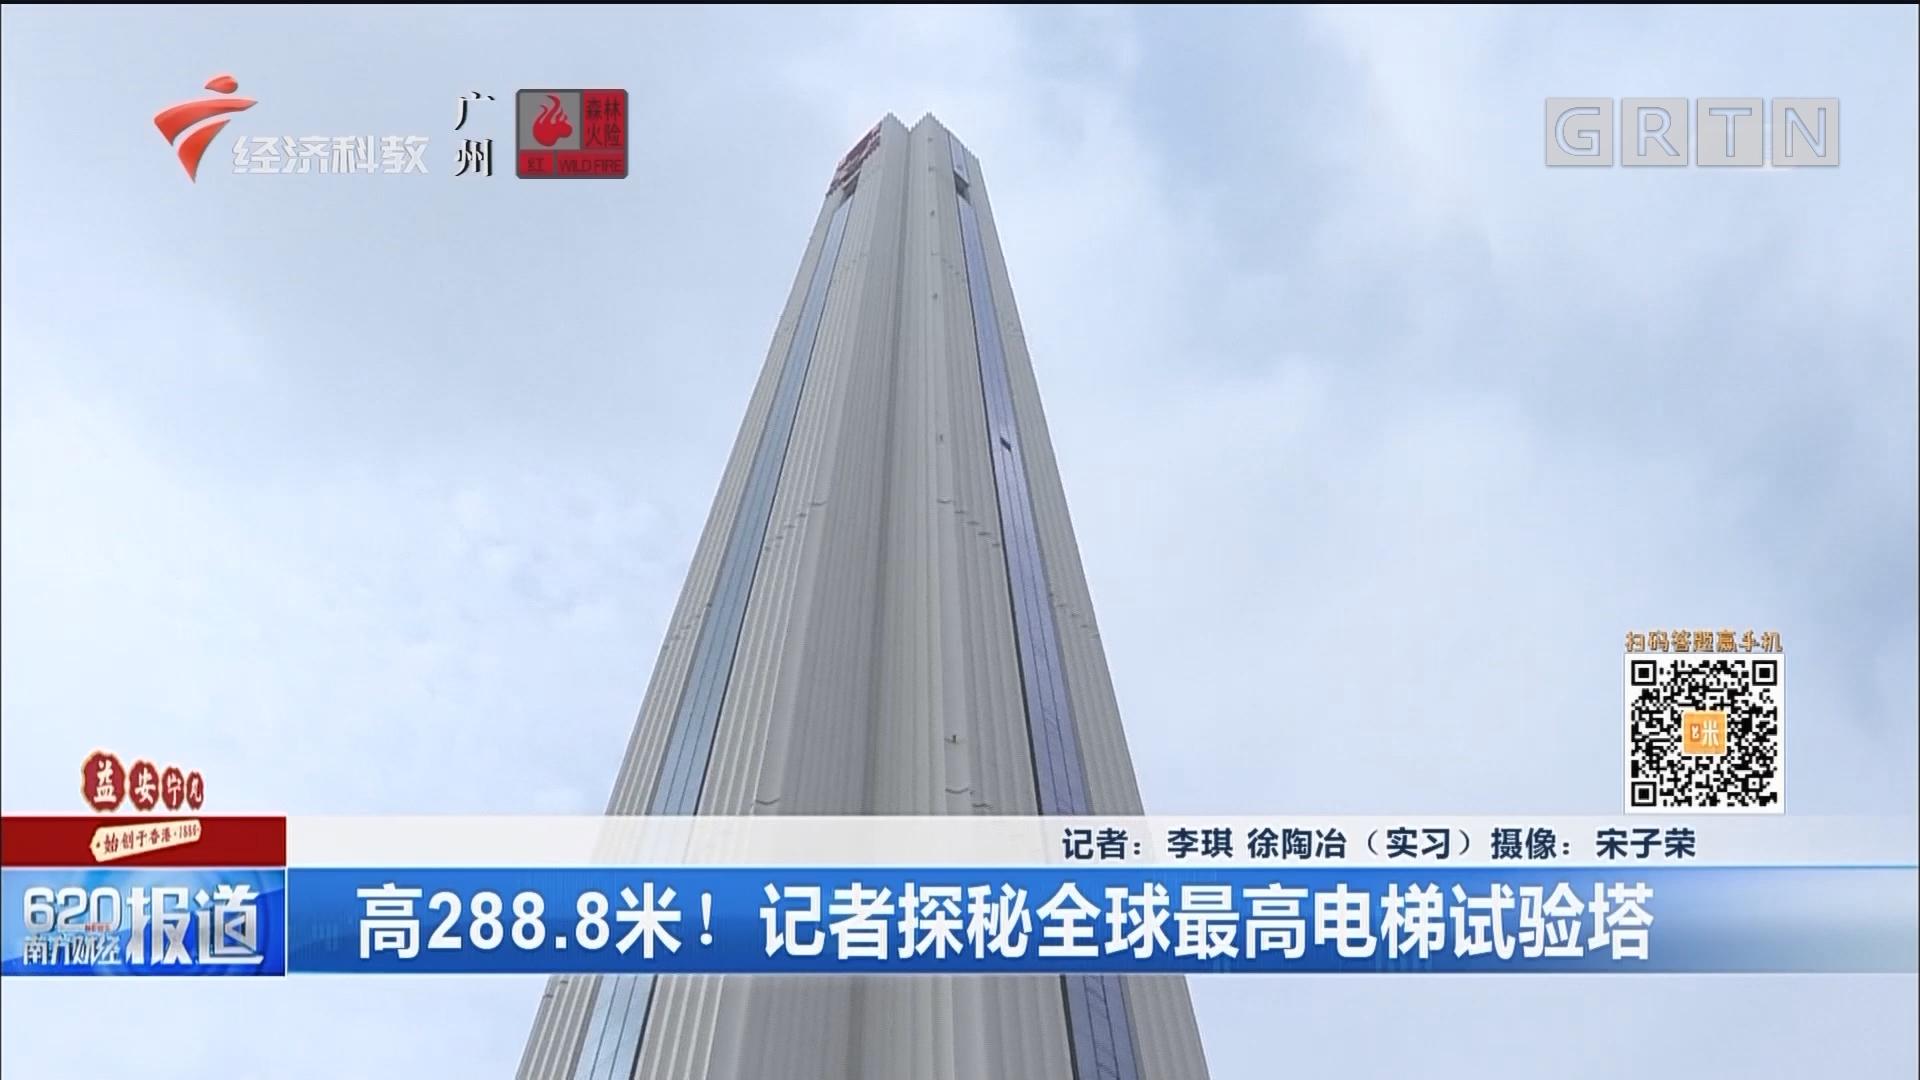 高288.8米!记者探秘全球最高电梯试验塔